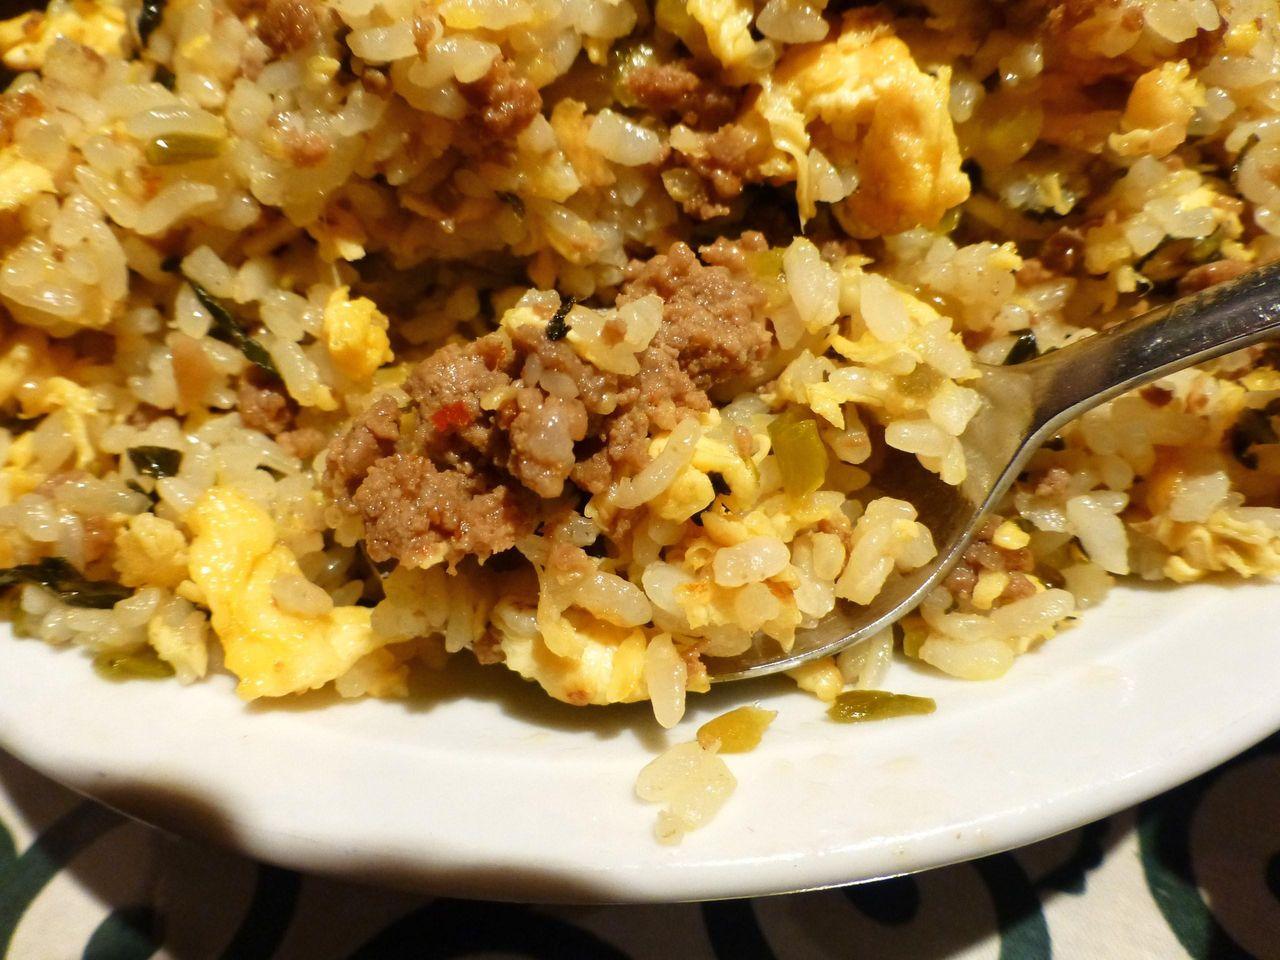 挽肉の旨みと高菜のピリ辛が絶妙なコラボレーション!